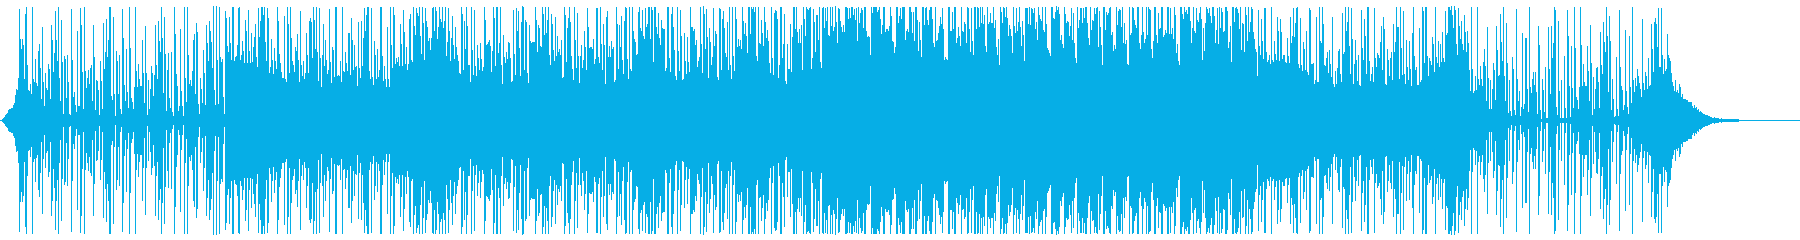 シンセが気持ち良く響くトラップ寄りテクノの再生済みの波形